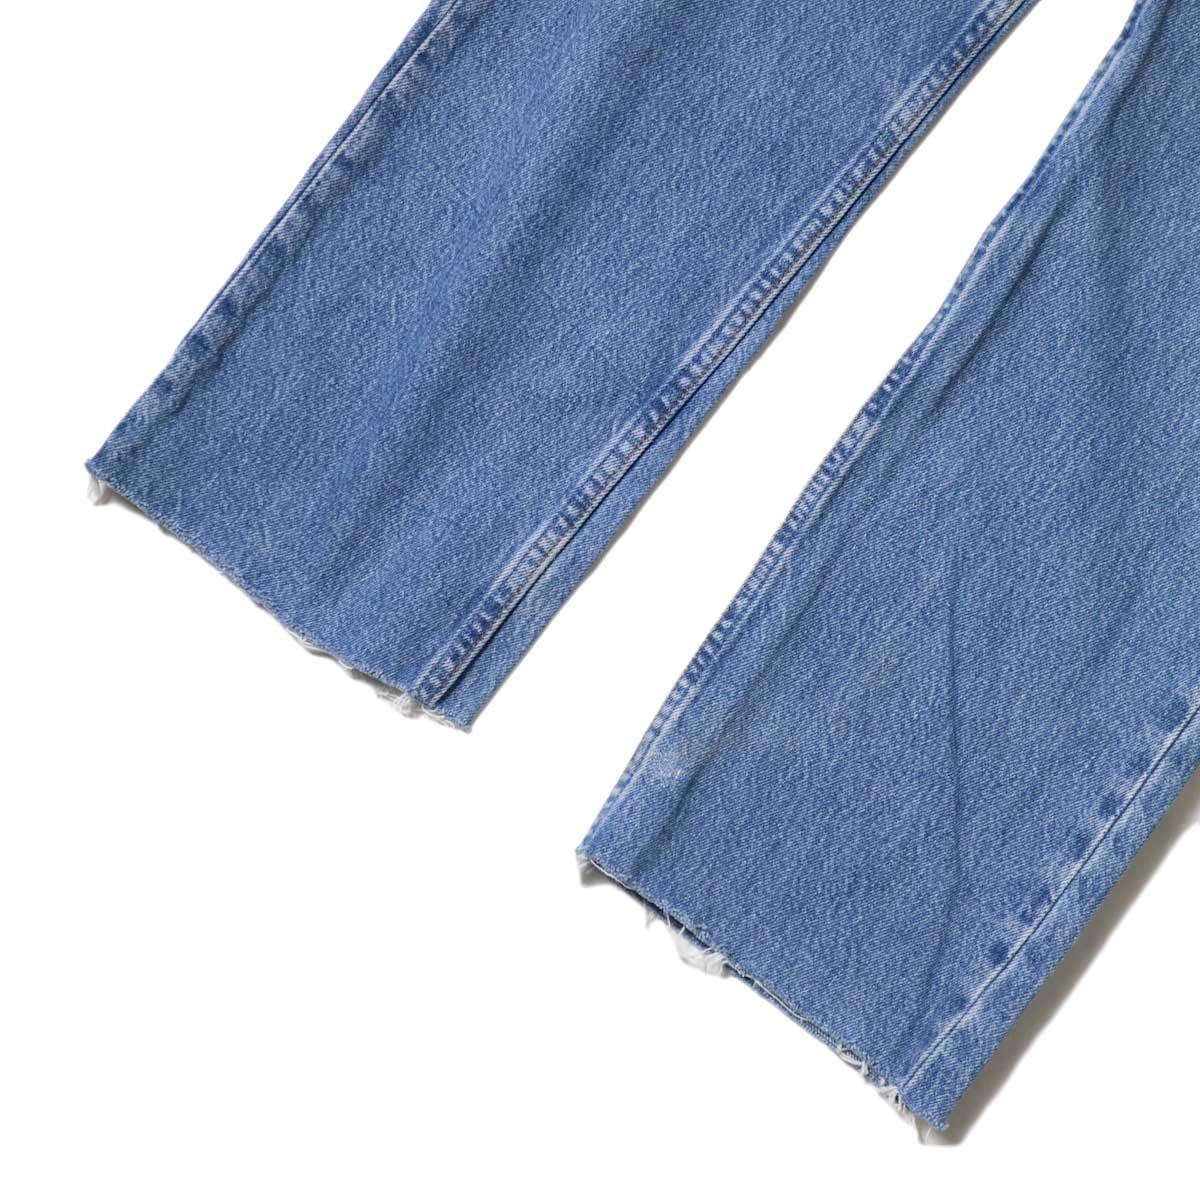 BONUM / BELTED 5P DENIM (30inch) -D 裾